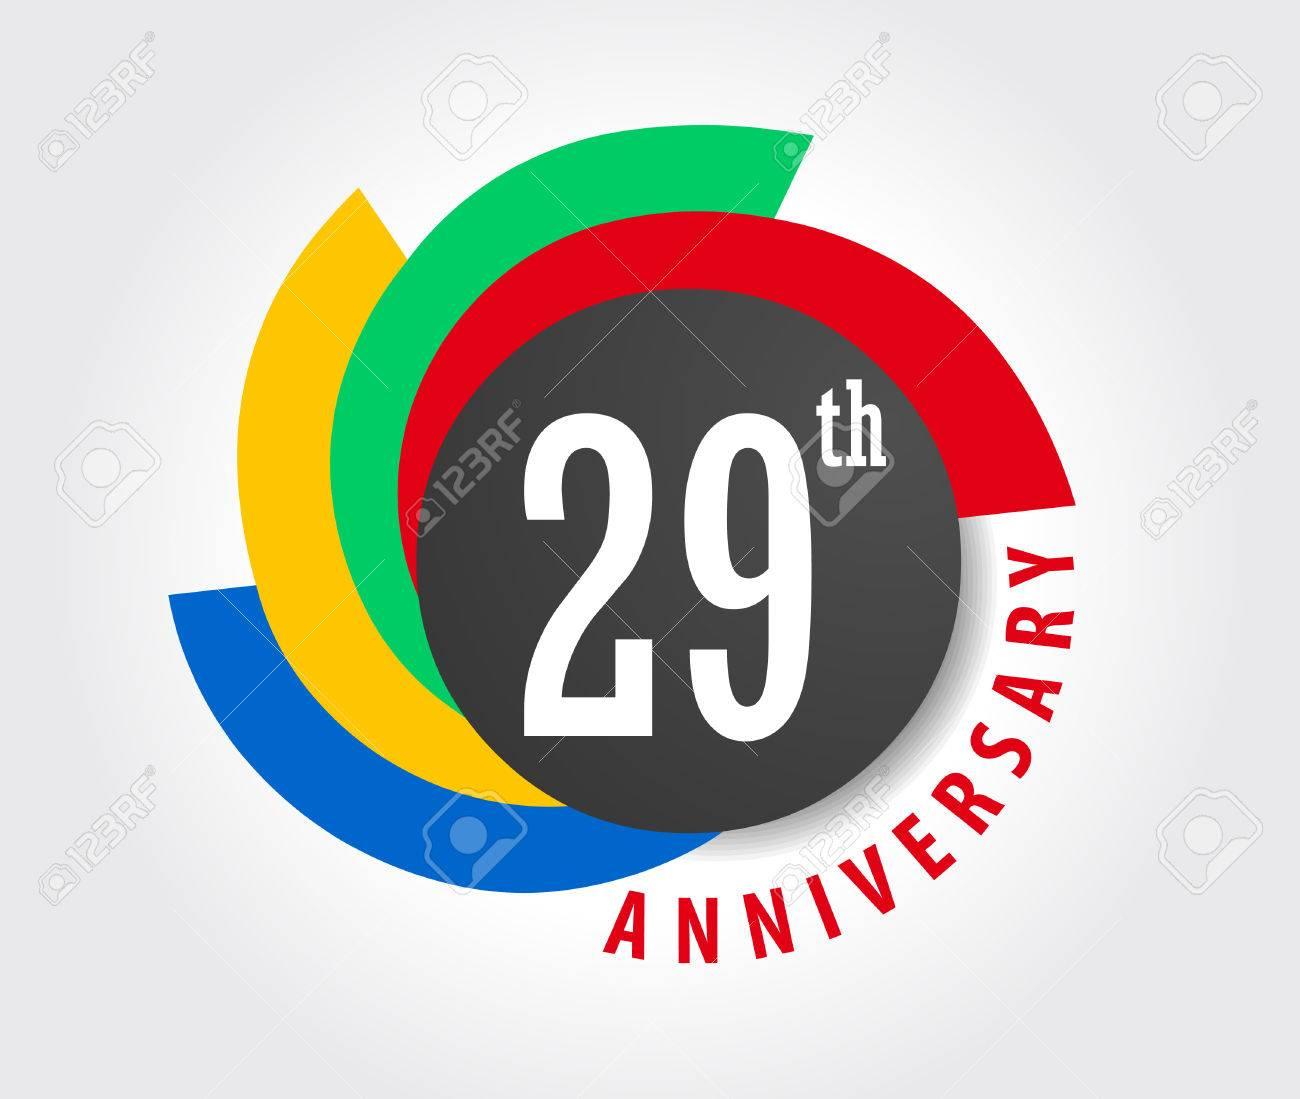 29th Anniversary Celebration Background 29 Years Anniversary